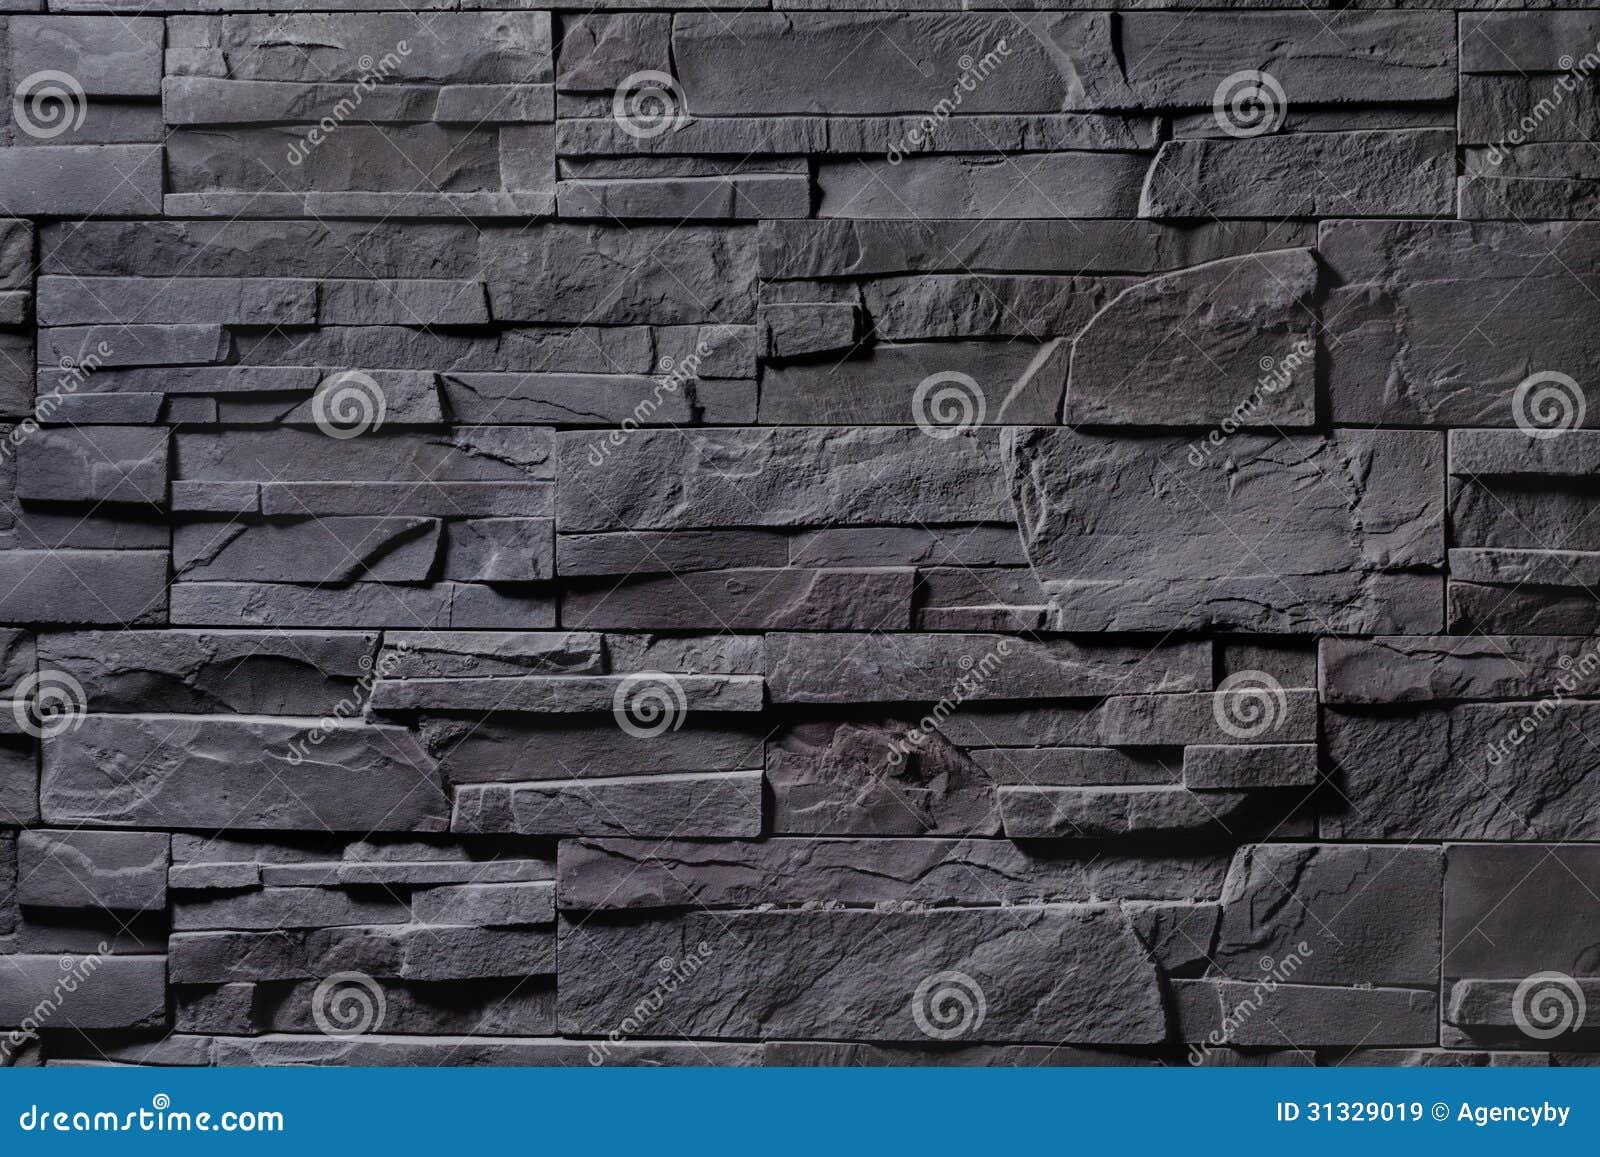 textura de la pared de piedra gris imagen de archivo On gris piedra pared